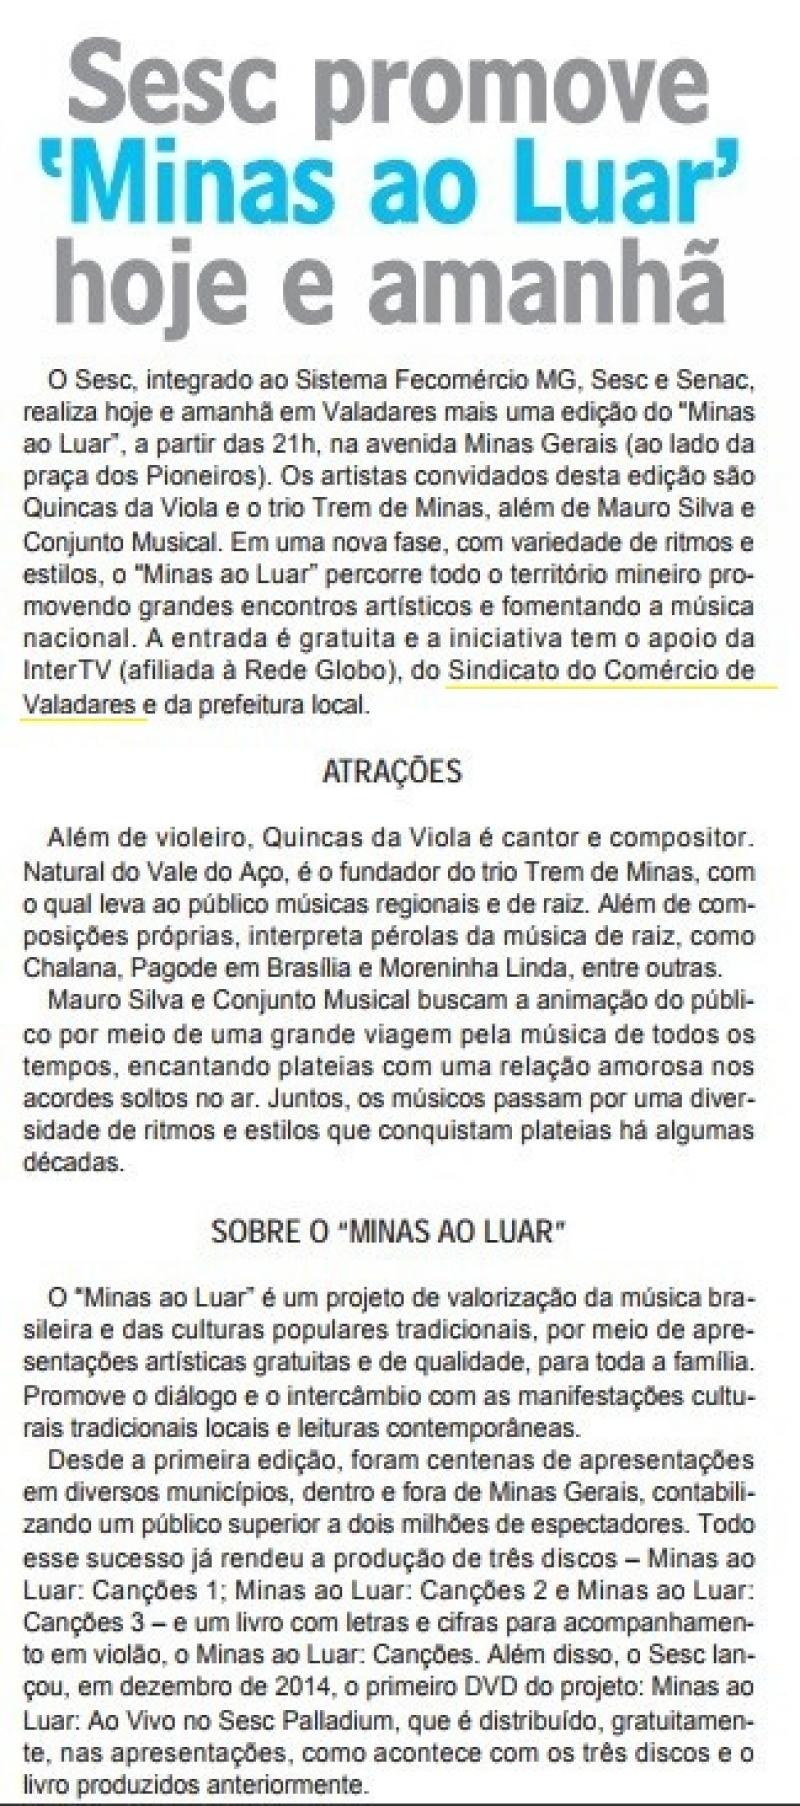 Sesc promove 'Minas ao Luar' hoje